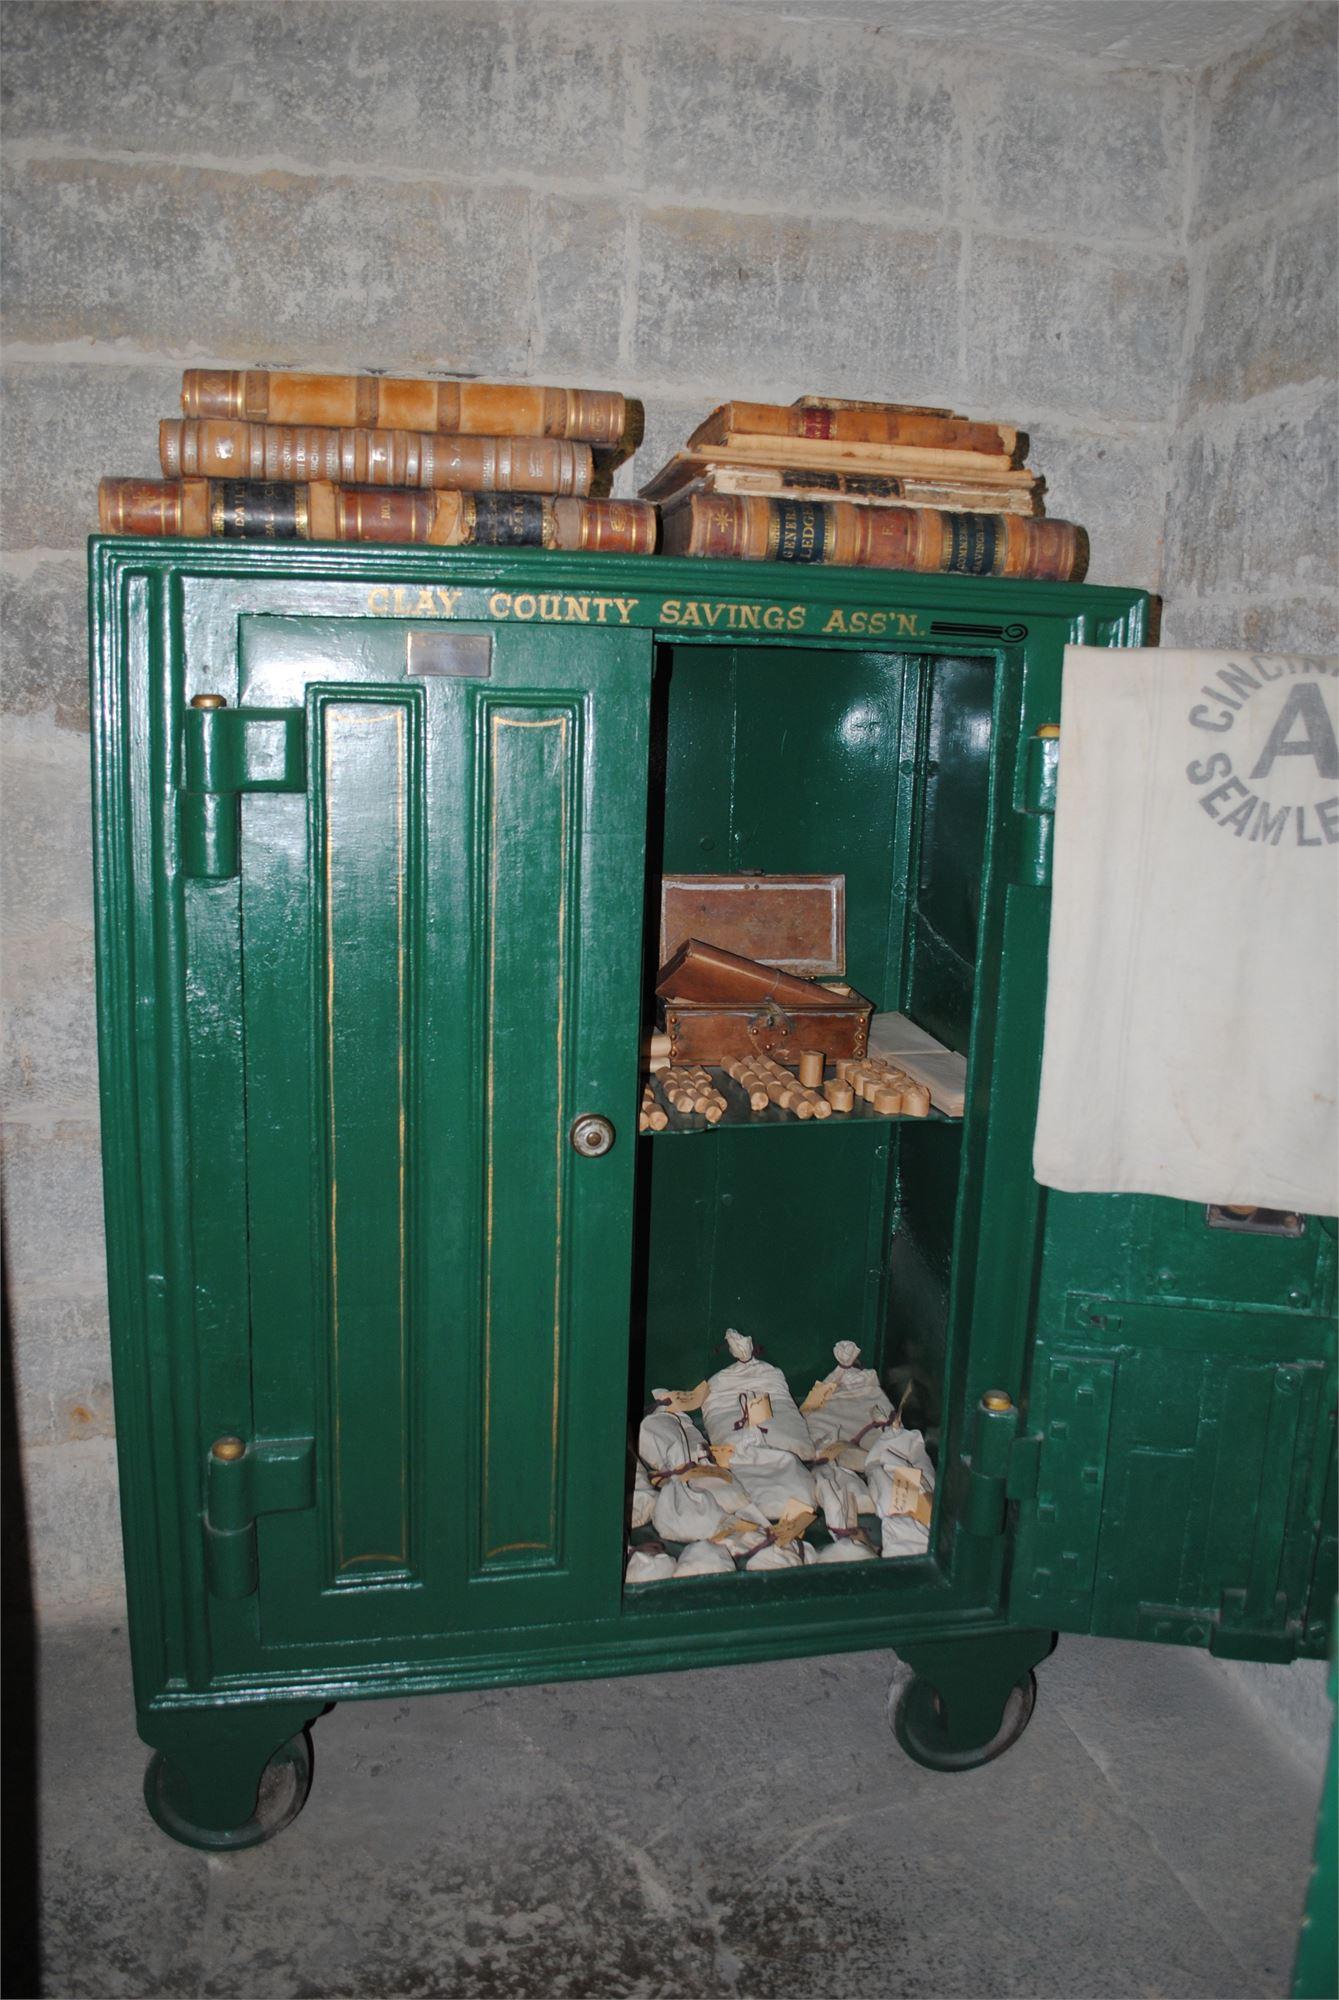 The safe inside the vault.